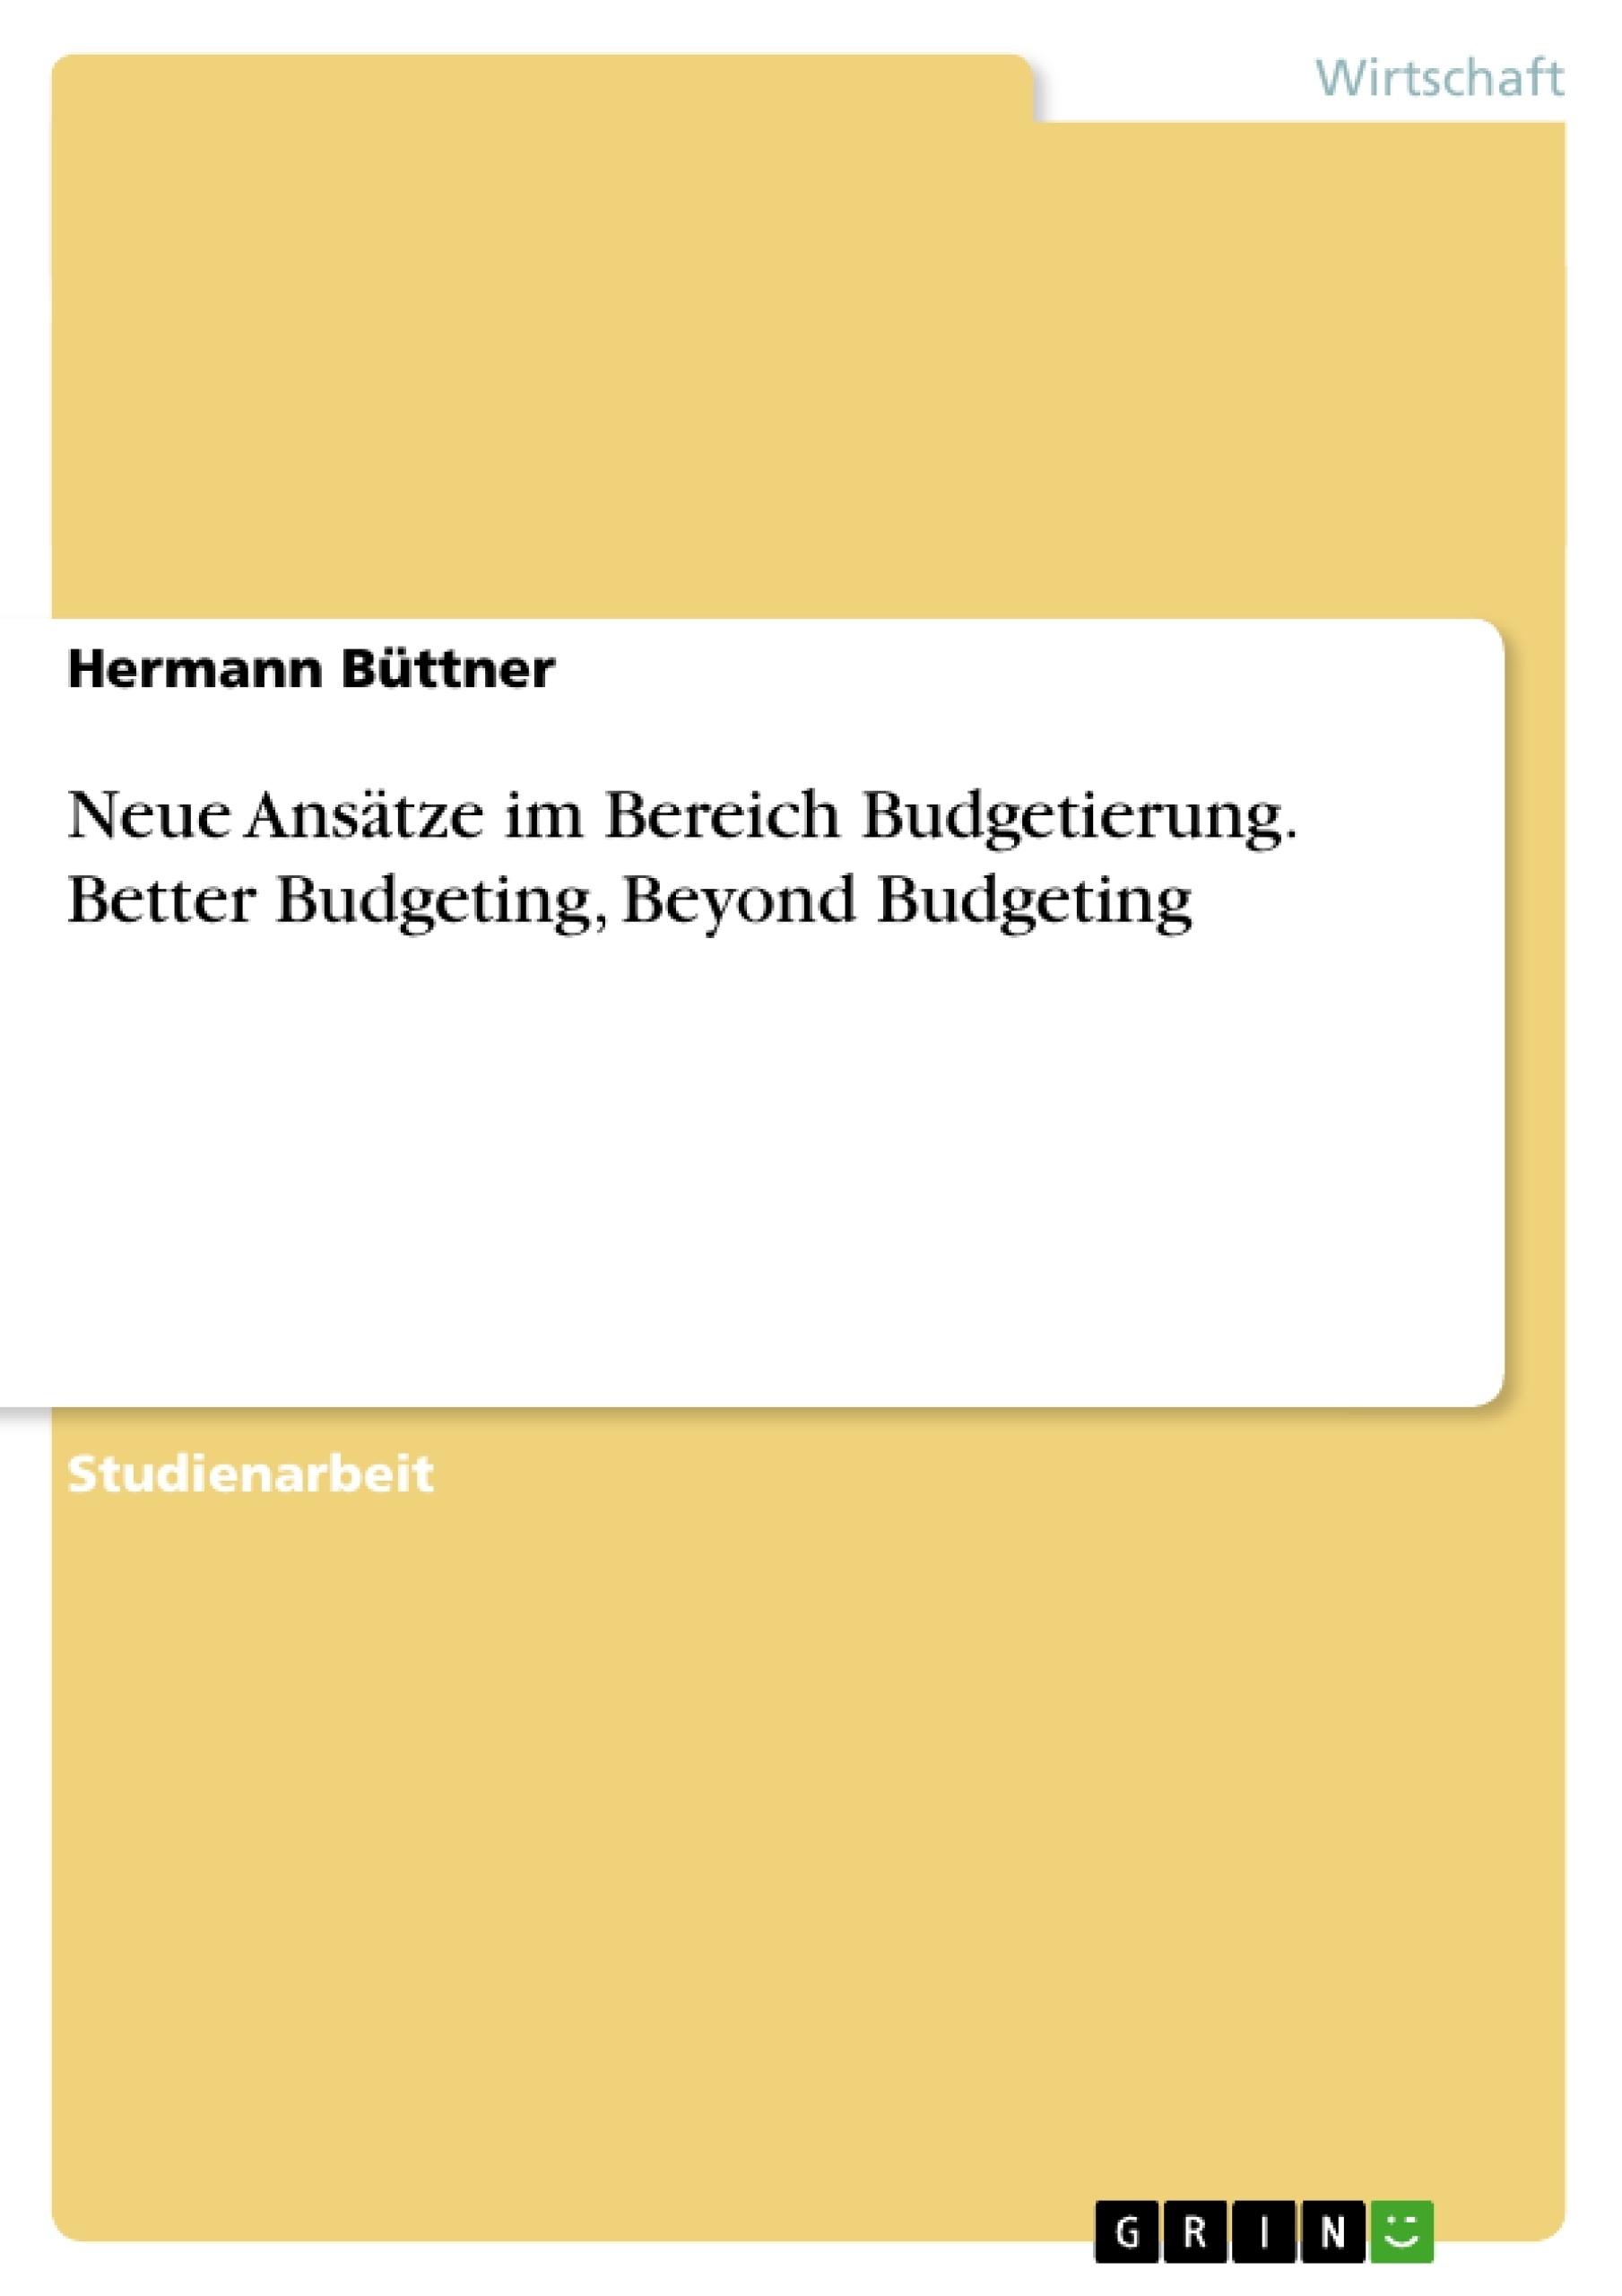 Titel: Neue Ansätze im Bereich Budgetierung. Better Budgeting, Beyond Budgeting